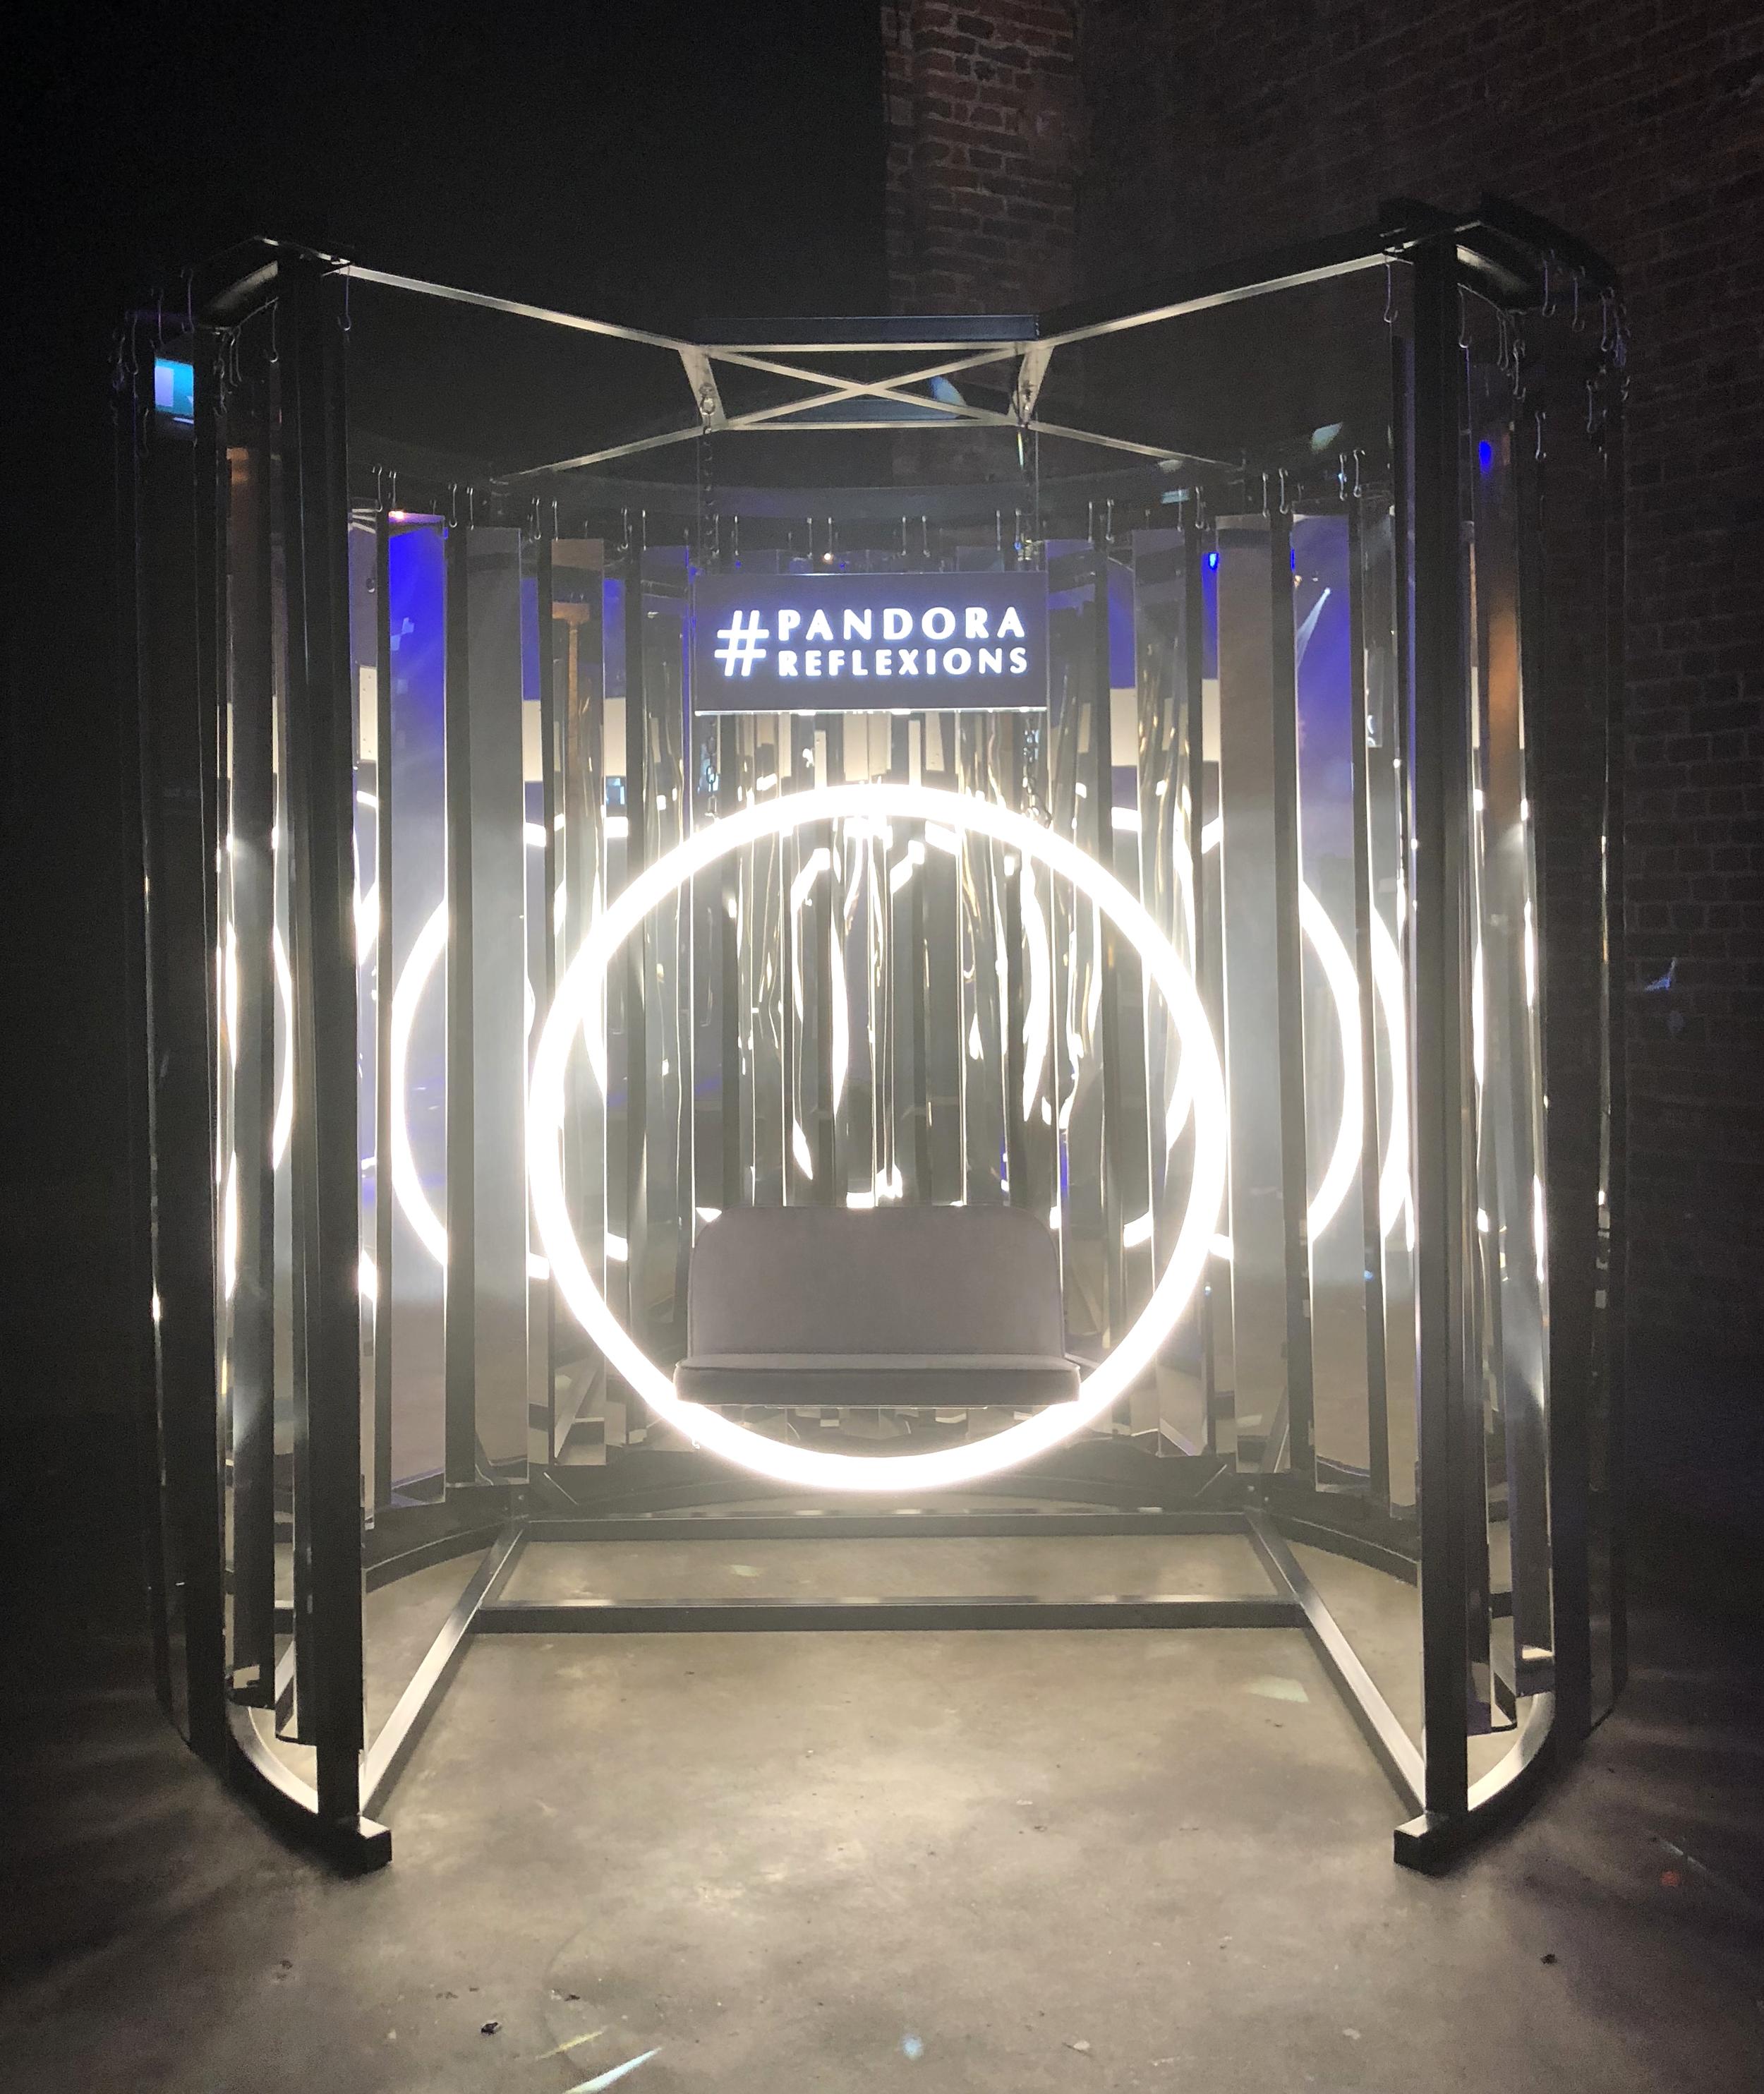 Mirror tunnel installation for Samsung